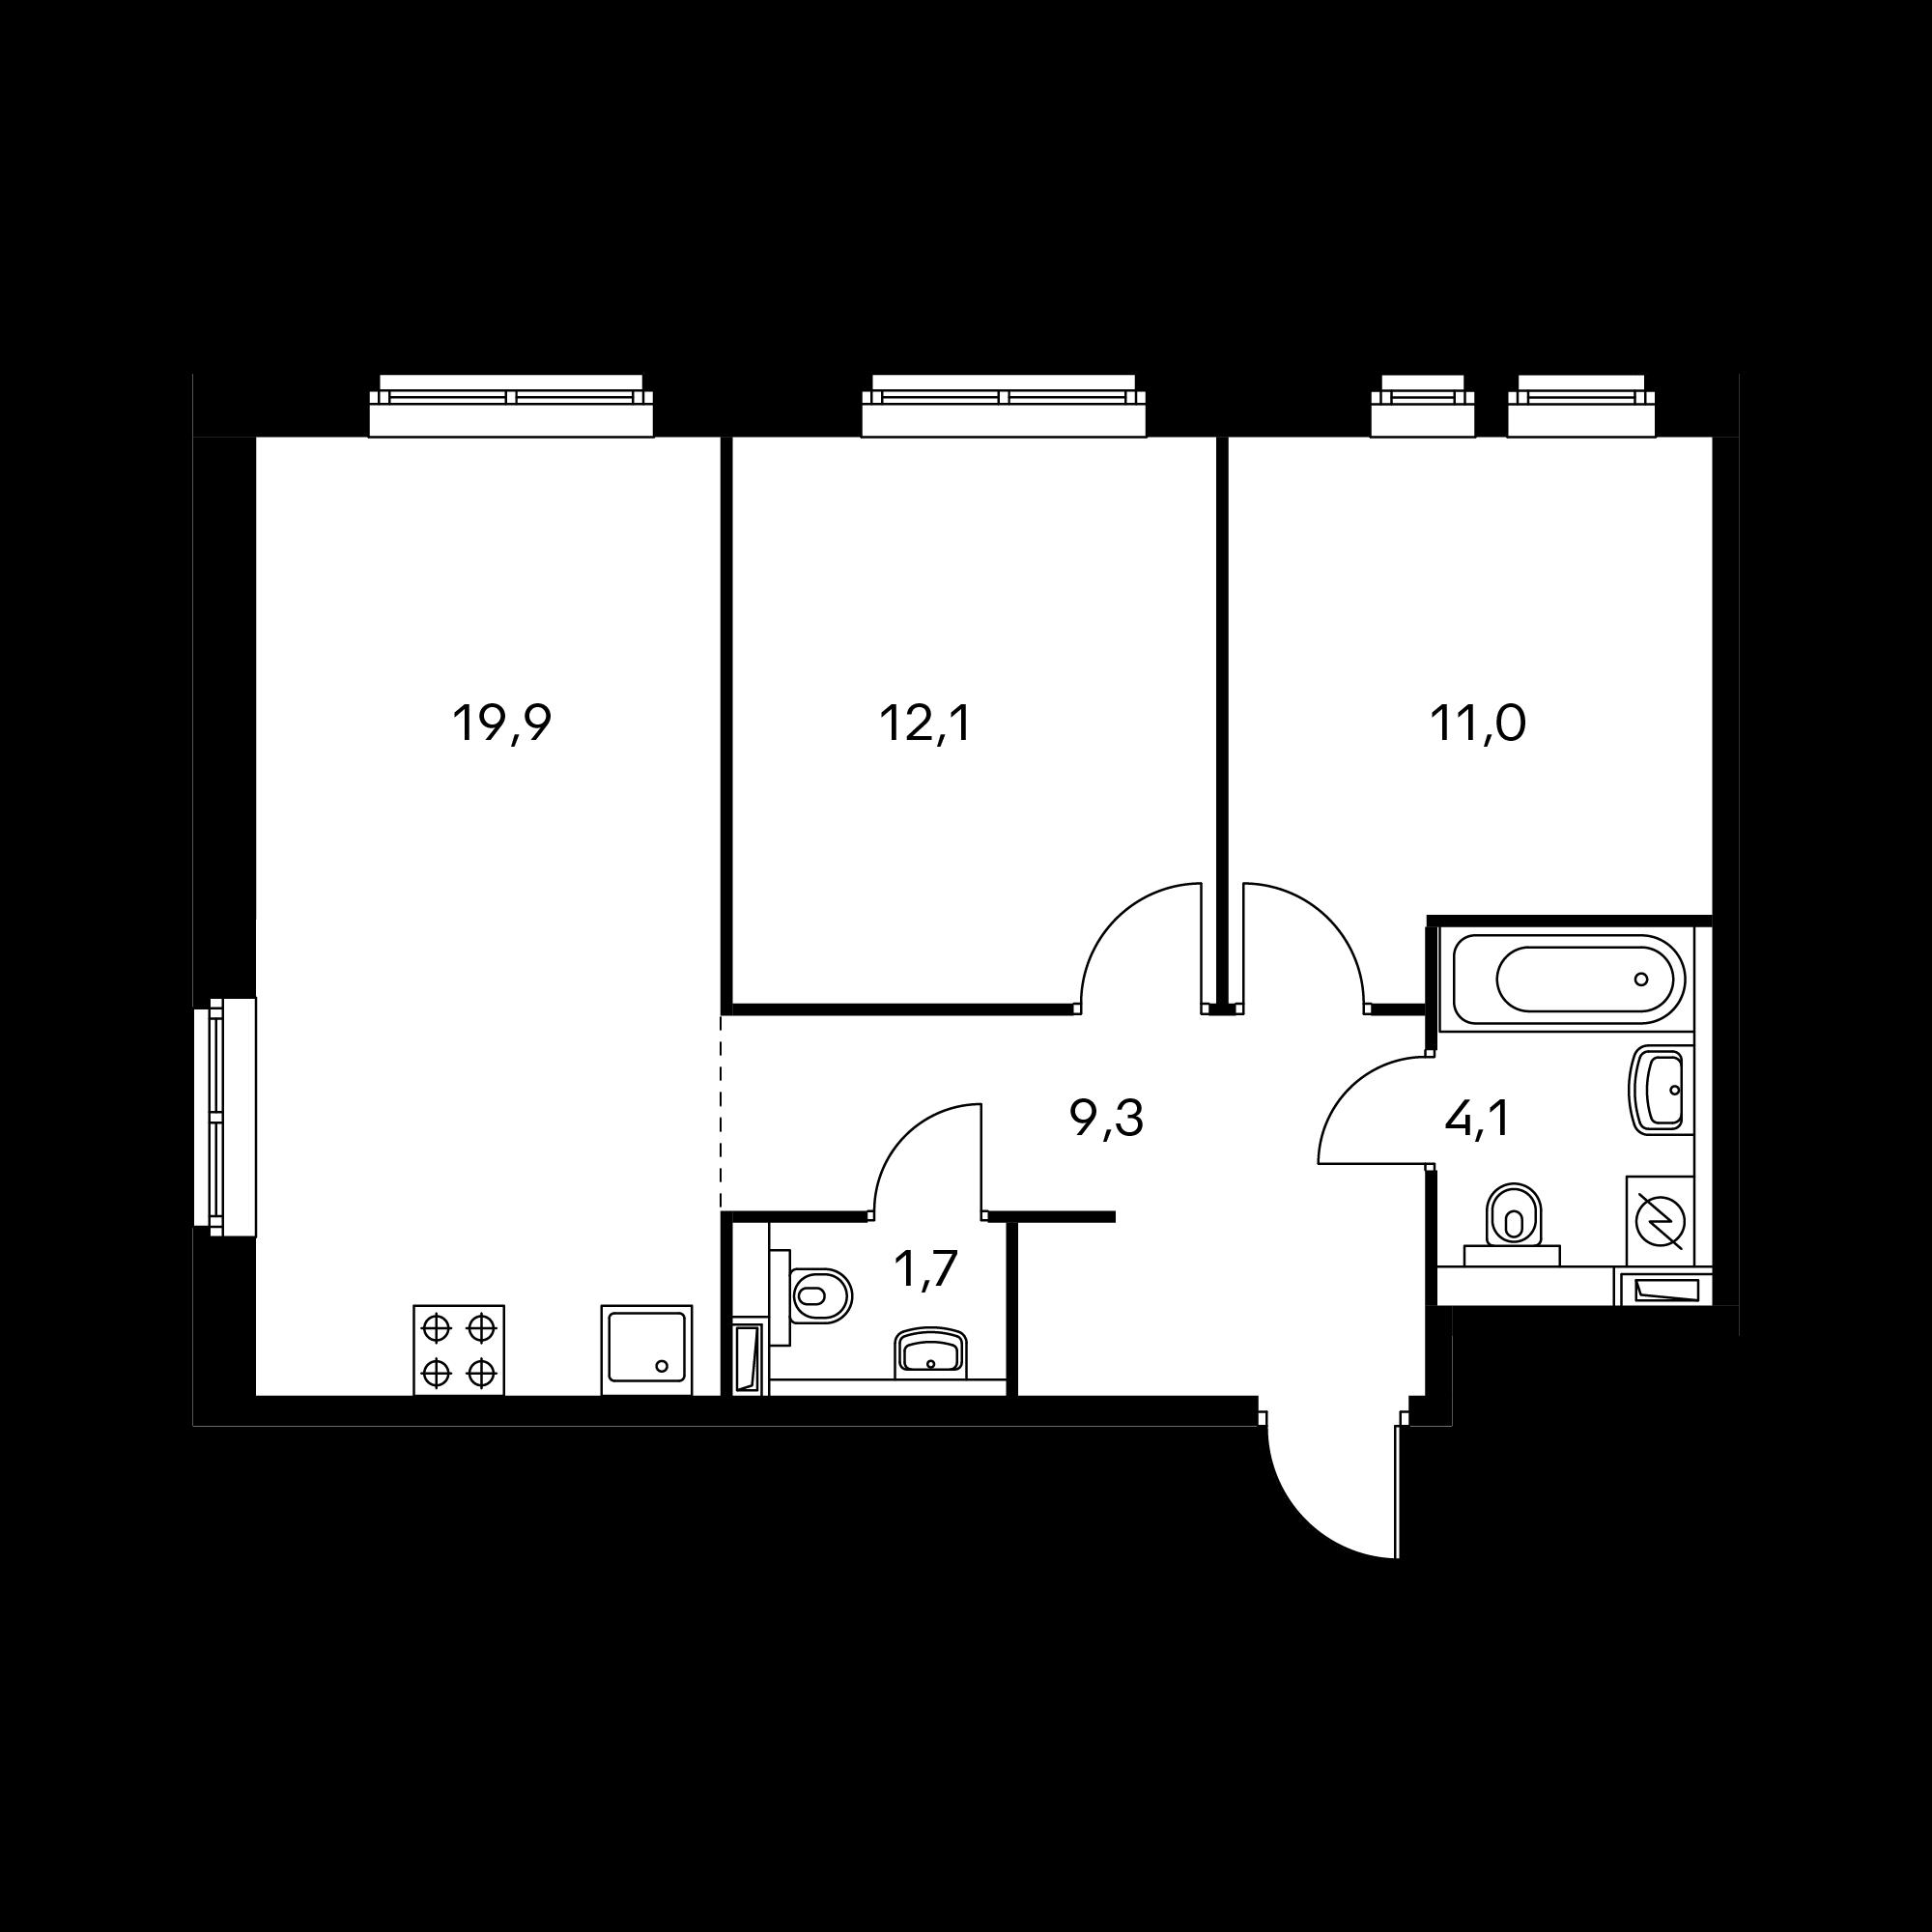 2EM7_9.9-4_T*